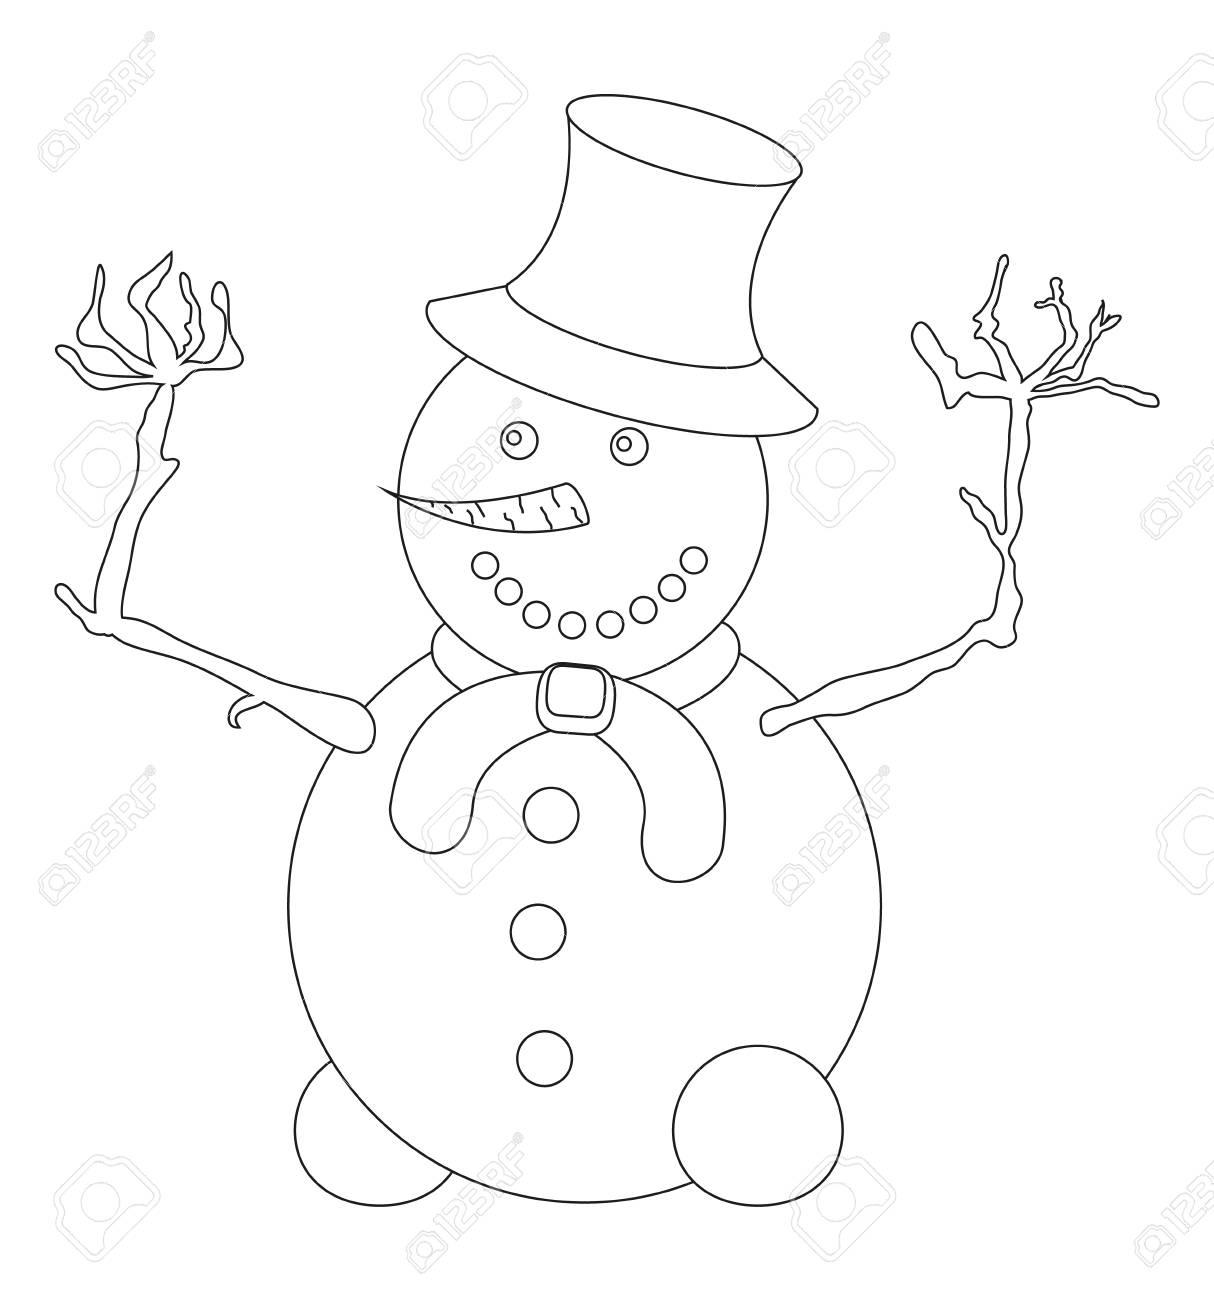 Muñeco De Nieve Para Colorear Página Del Libro Esboza Muñeco De